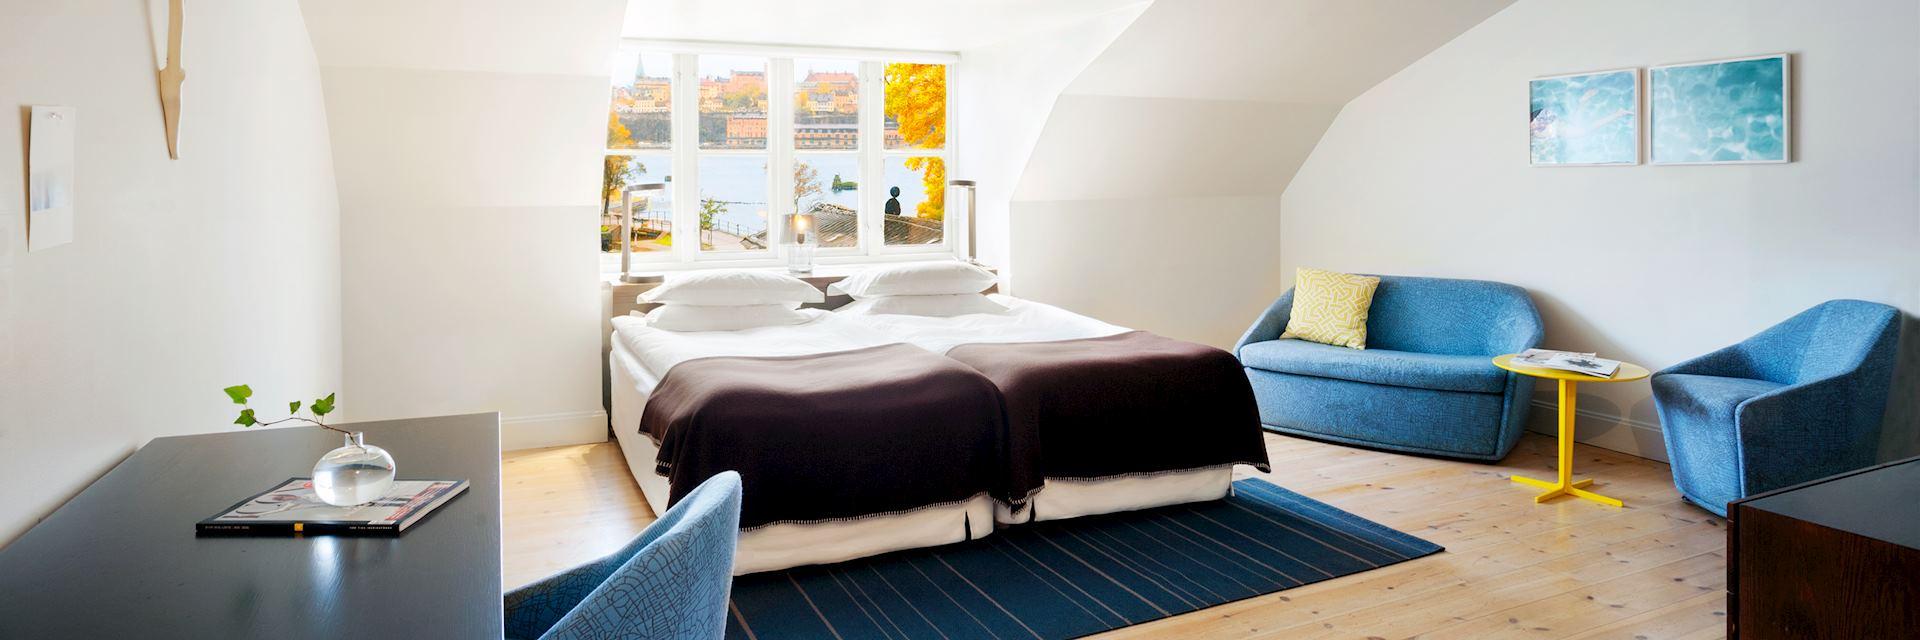 Hotel Skeppsholmen, Sweden